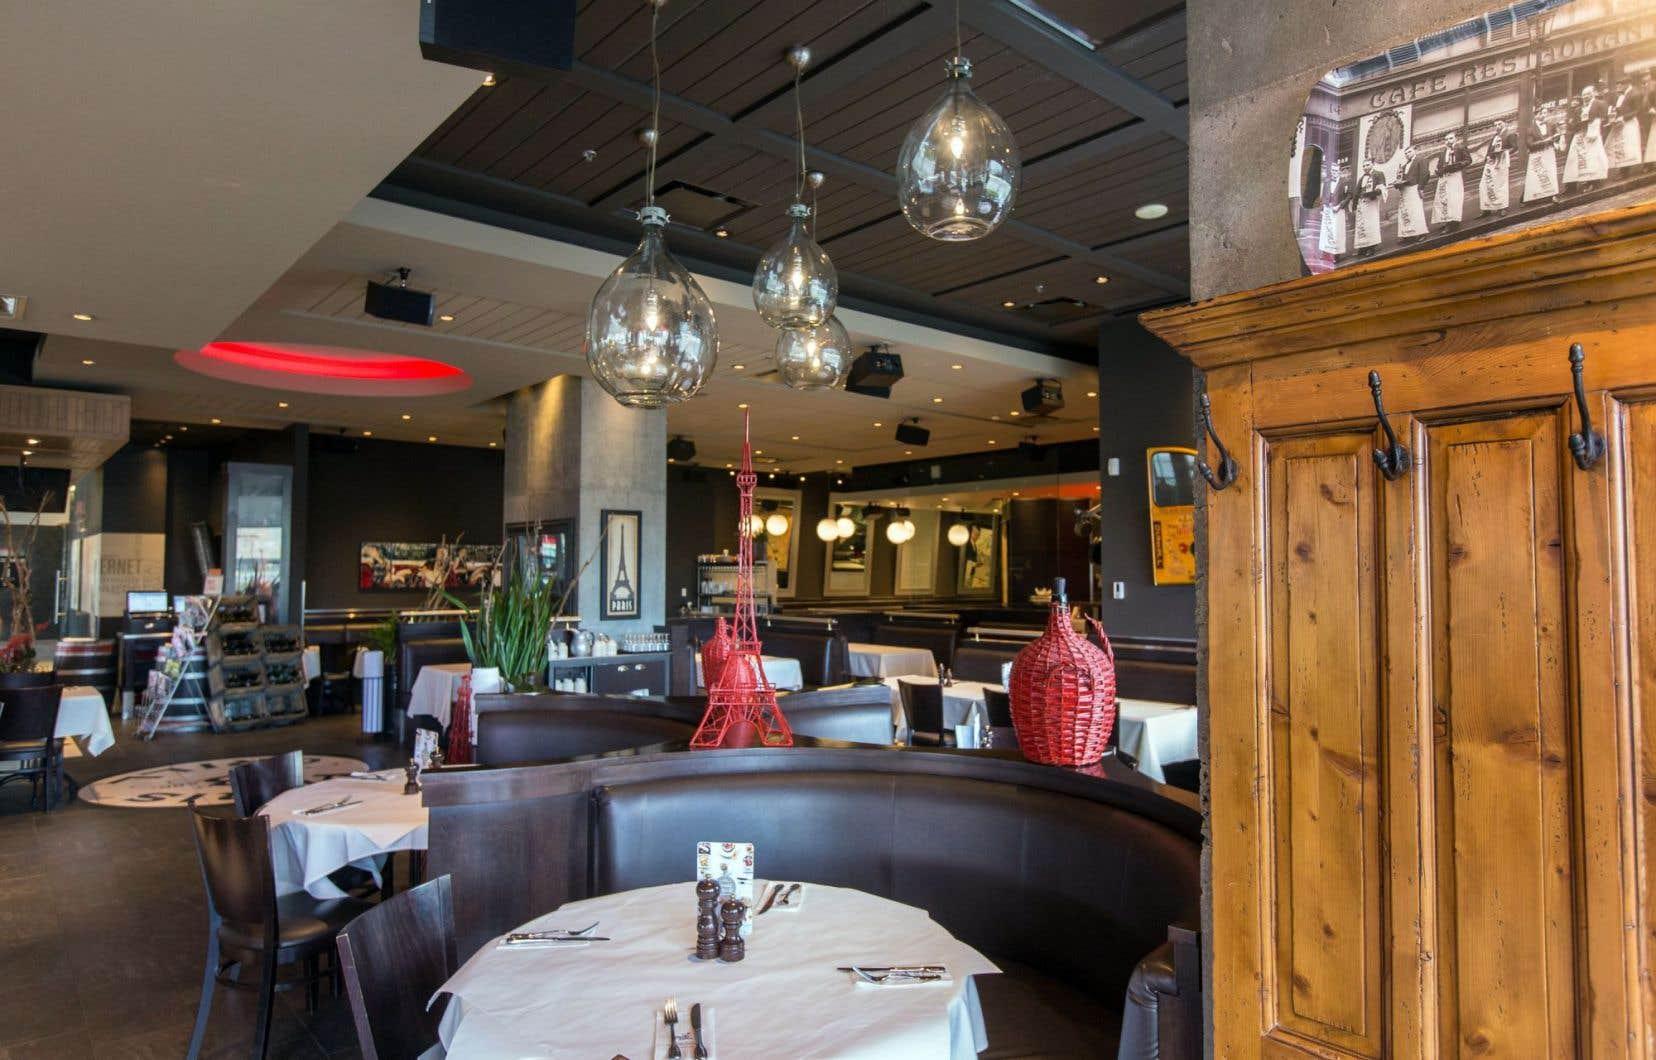 L'ambiance est agréable au Paris Grill de Québec. La musique, où s'entremêlent la chanson française et les succès québécois, offre un intéressant mélange de genres et d'époques. Voilà qui change agréablement du lounge générique qui sévit trop souvent ailleurs.